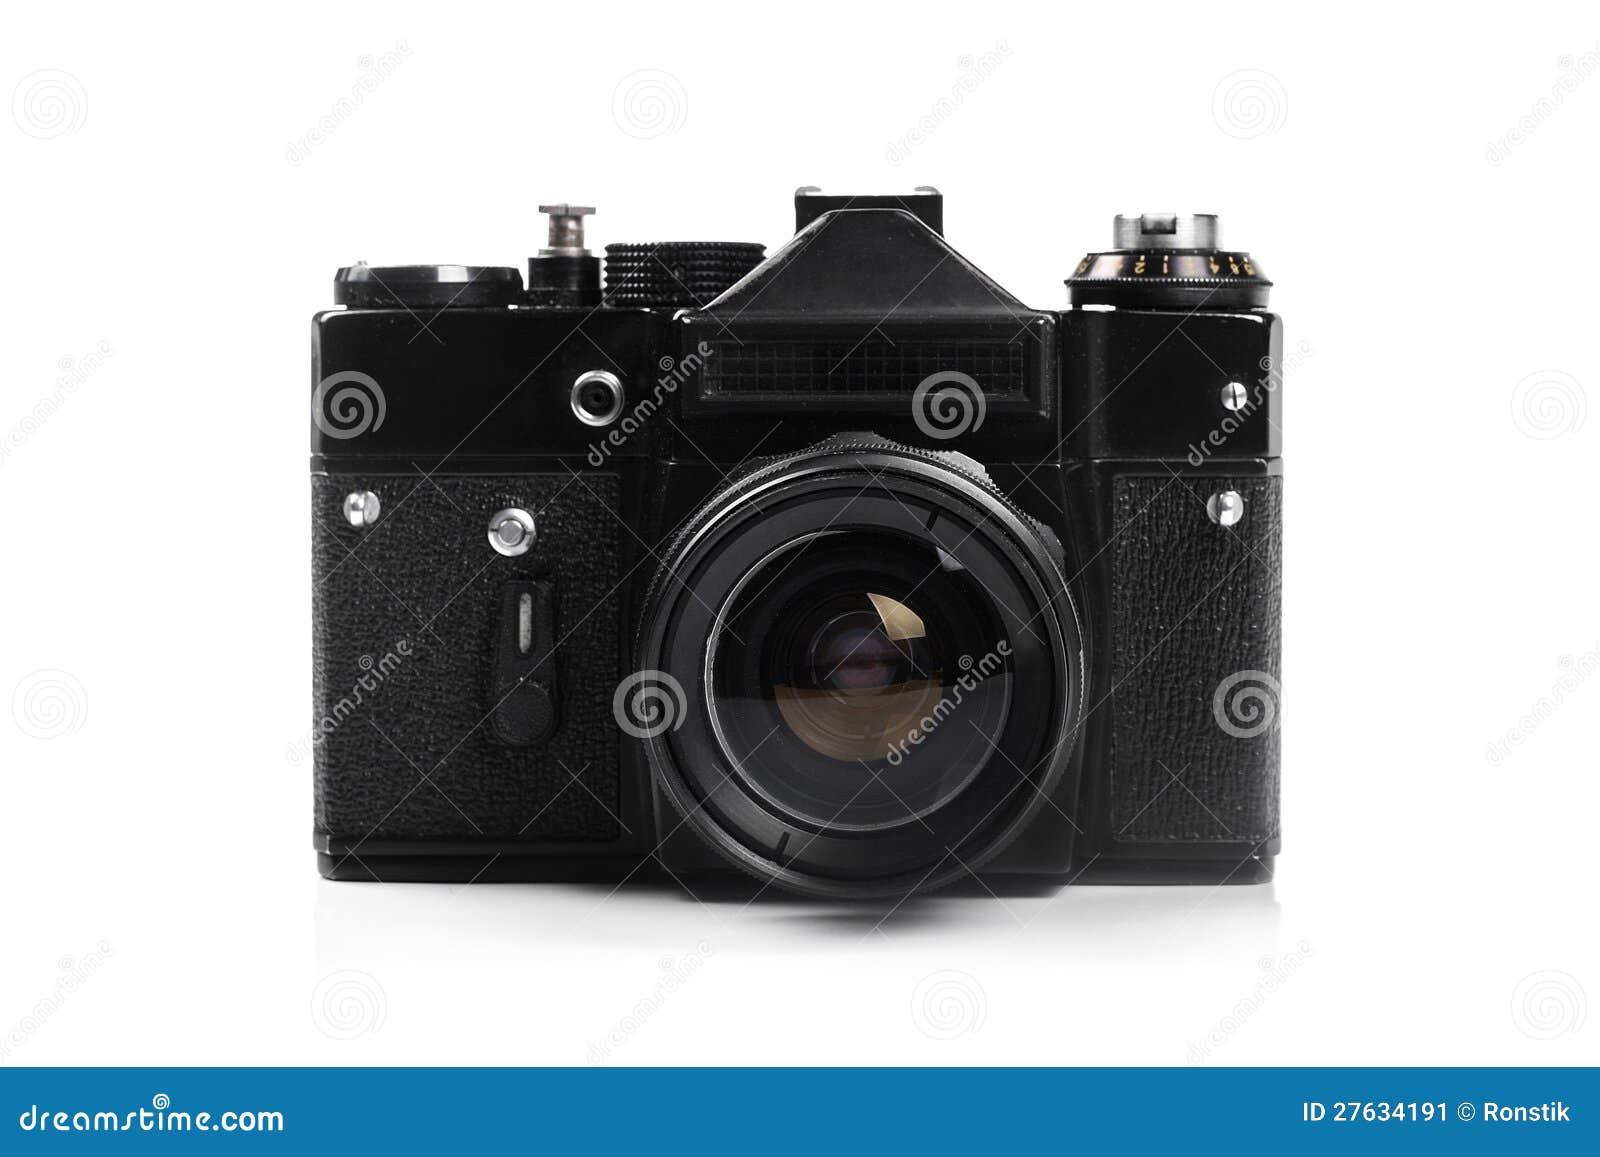 Old retro photo camera